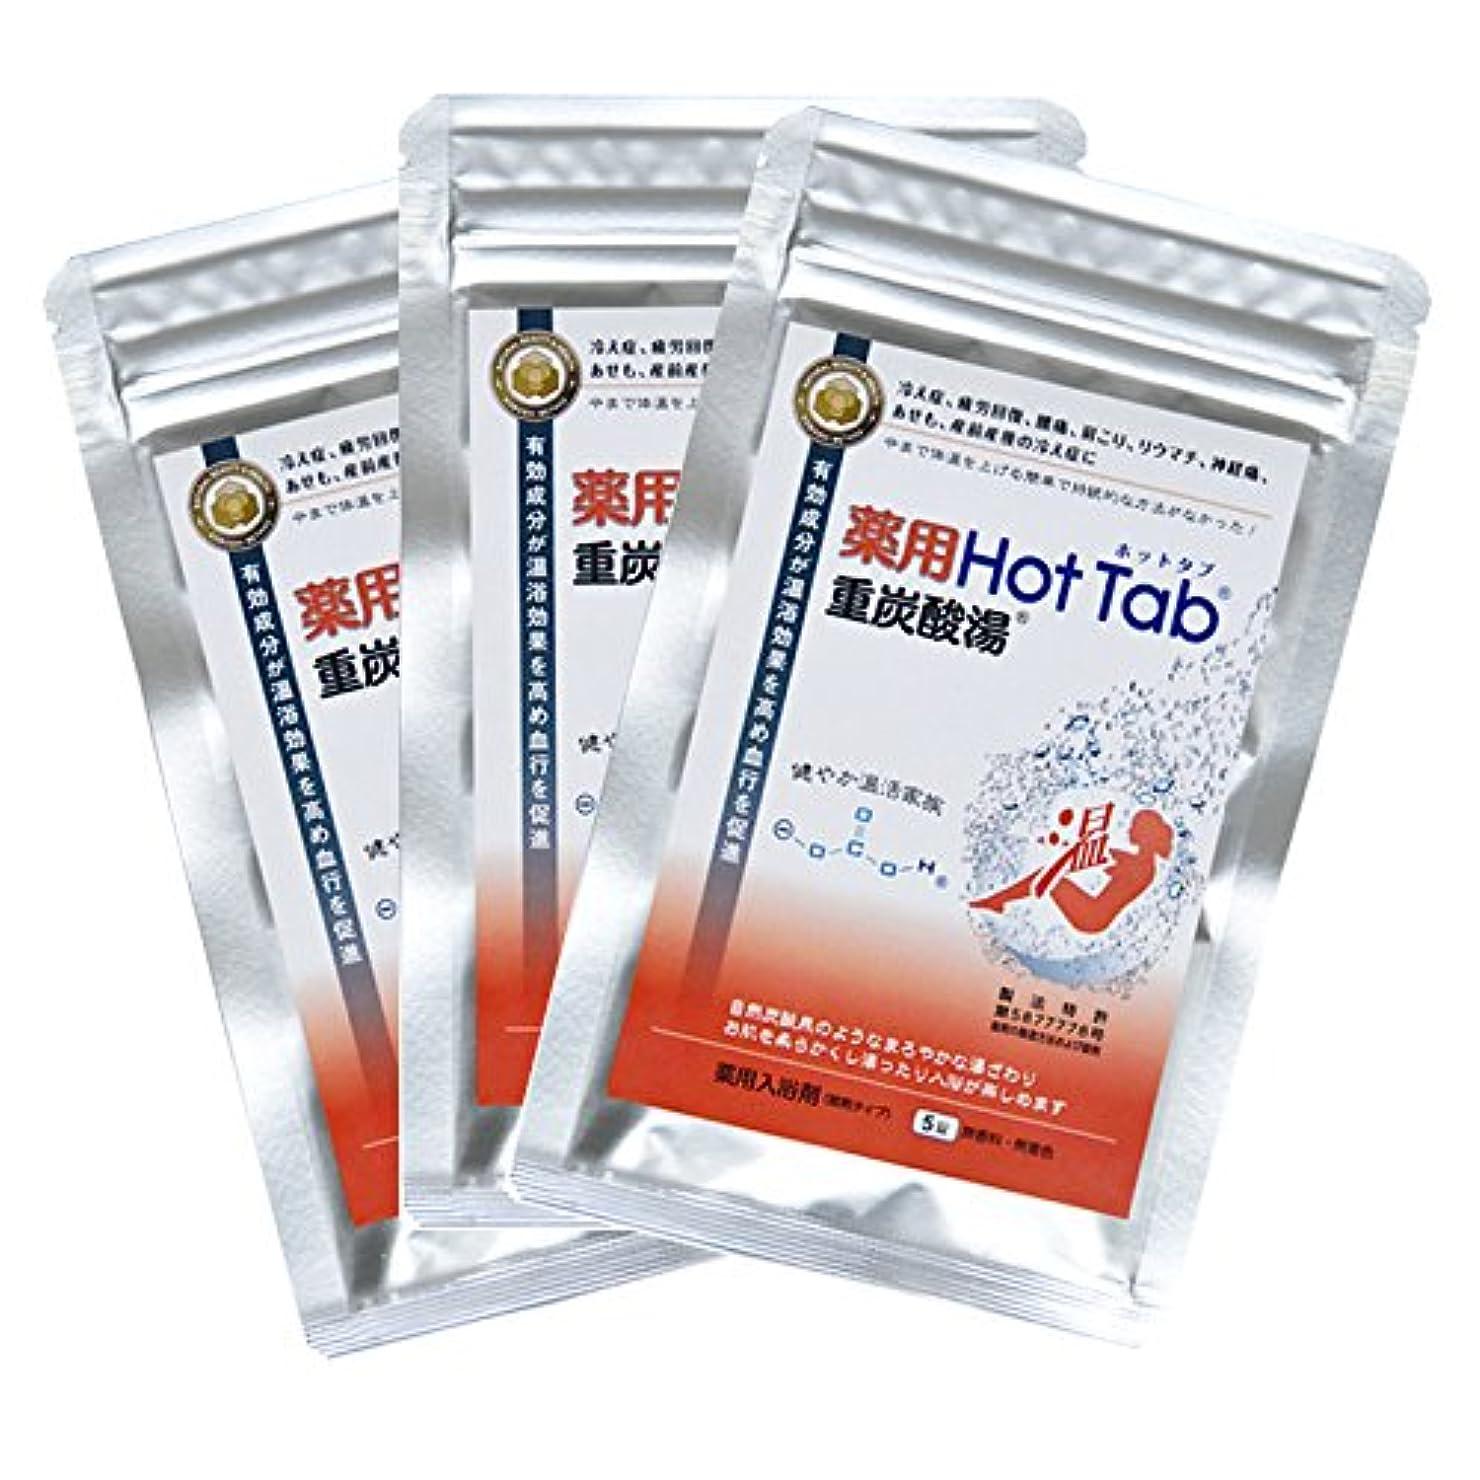 優れたランプ軌道薬用 Hot Tab 重炭酸湯 5錠入りx3セット